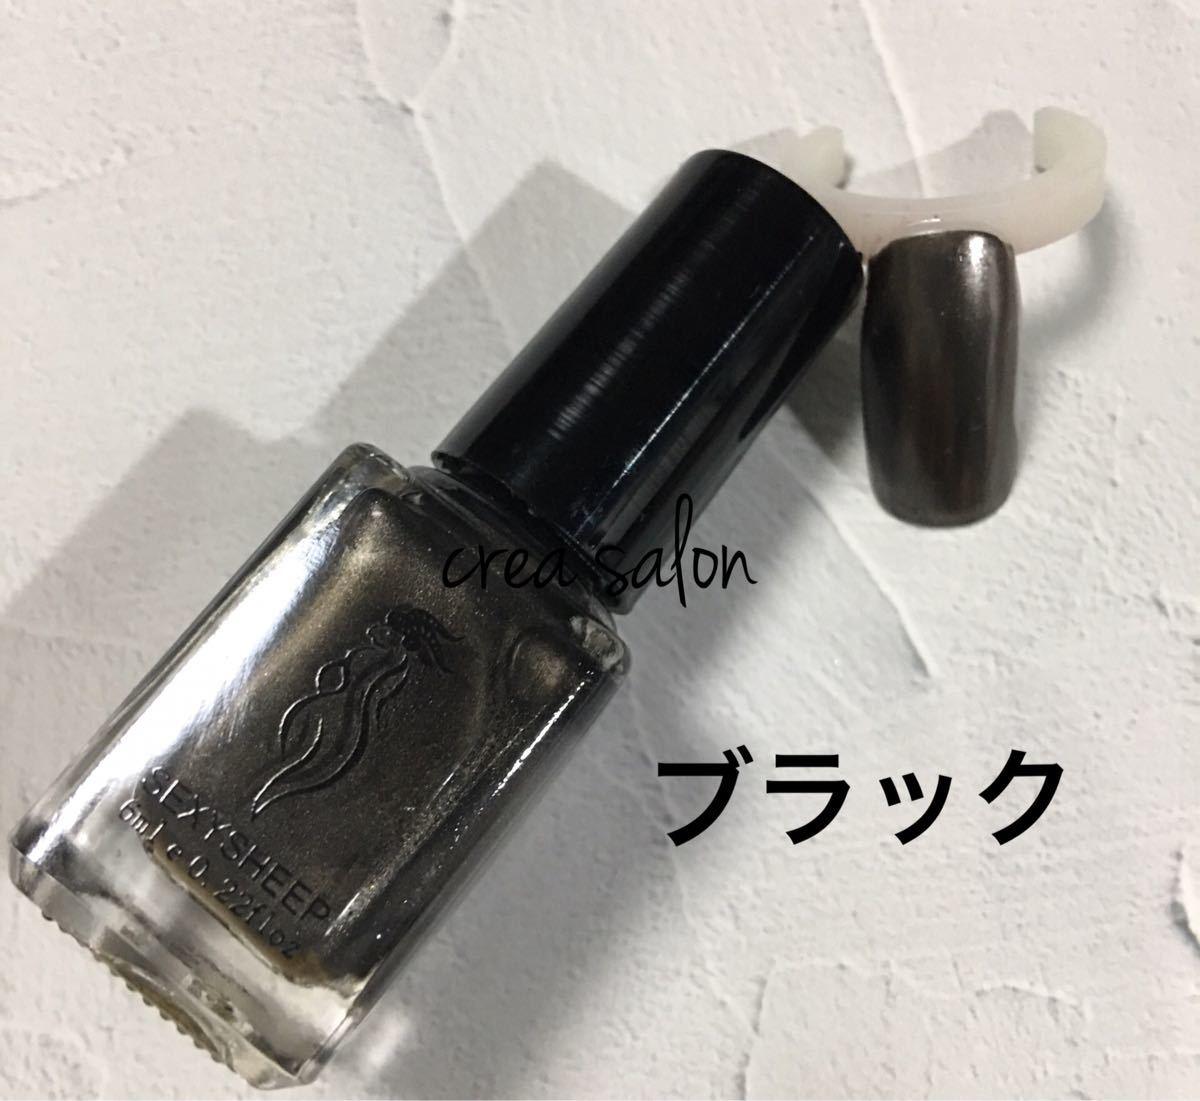 ミラーネイルポリッシュ メタリックマニキュア ブラック